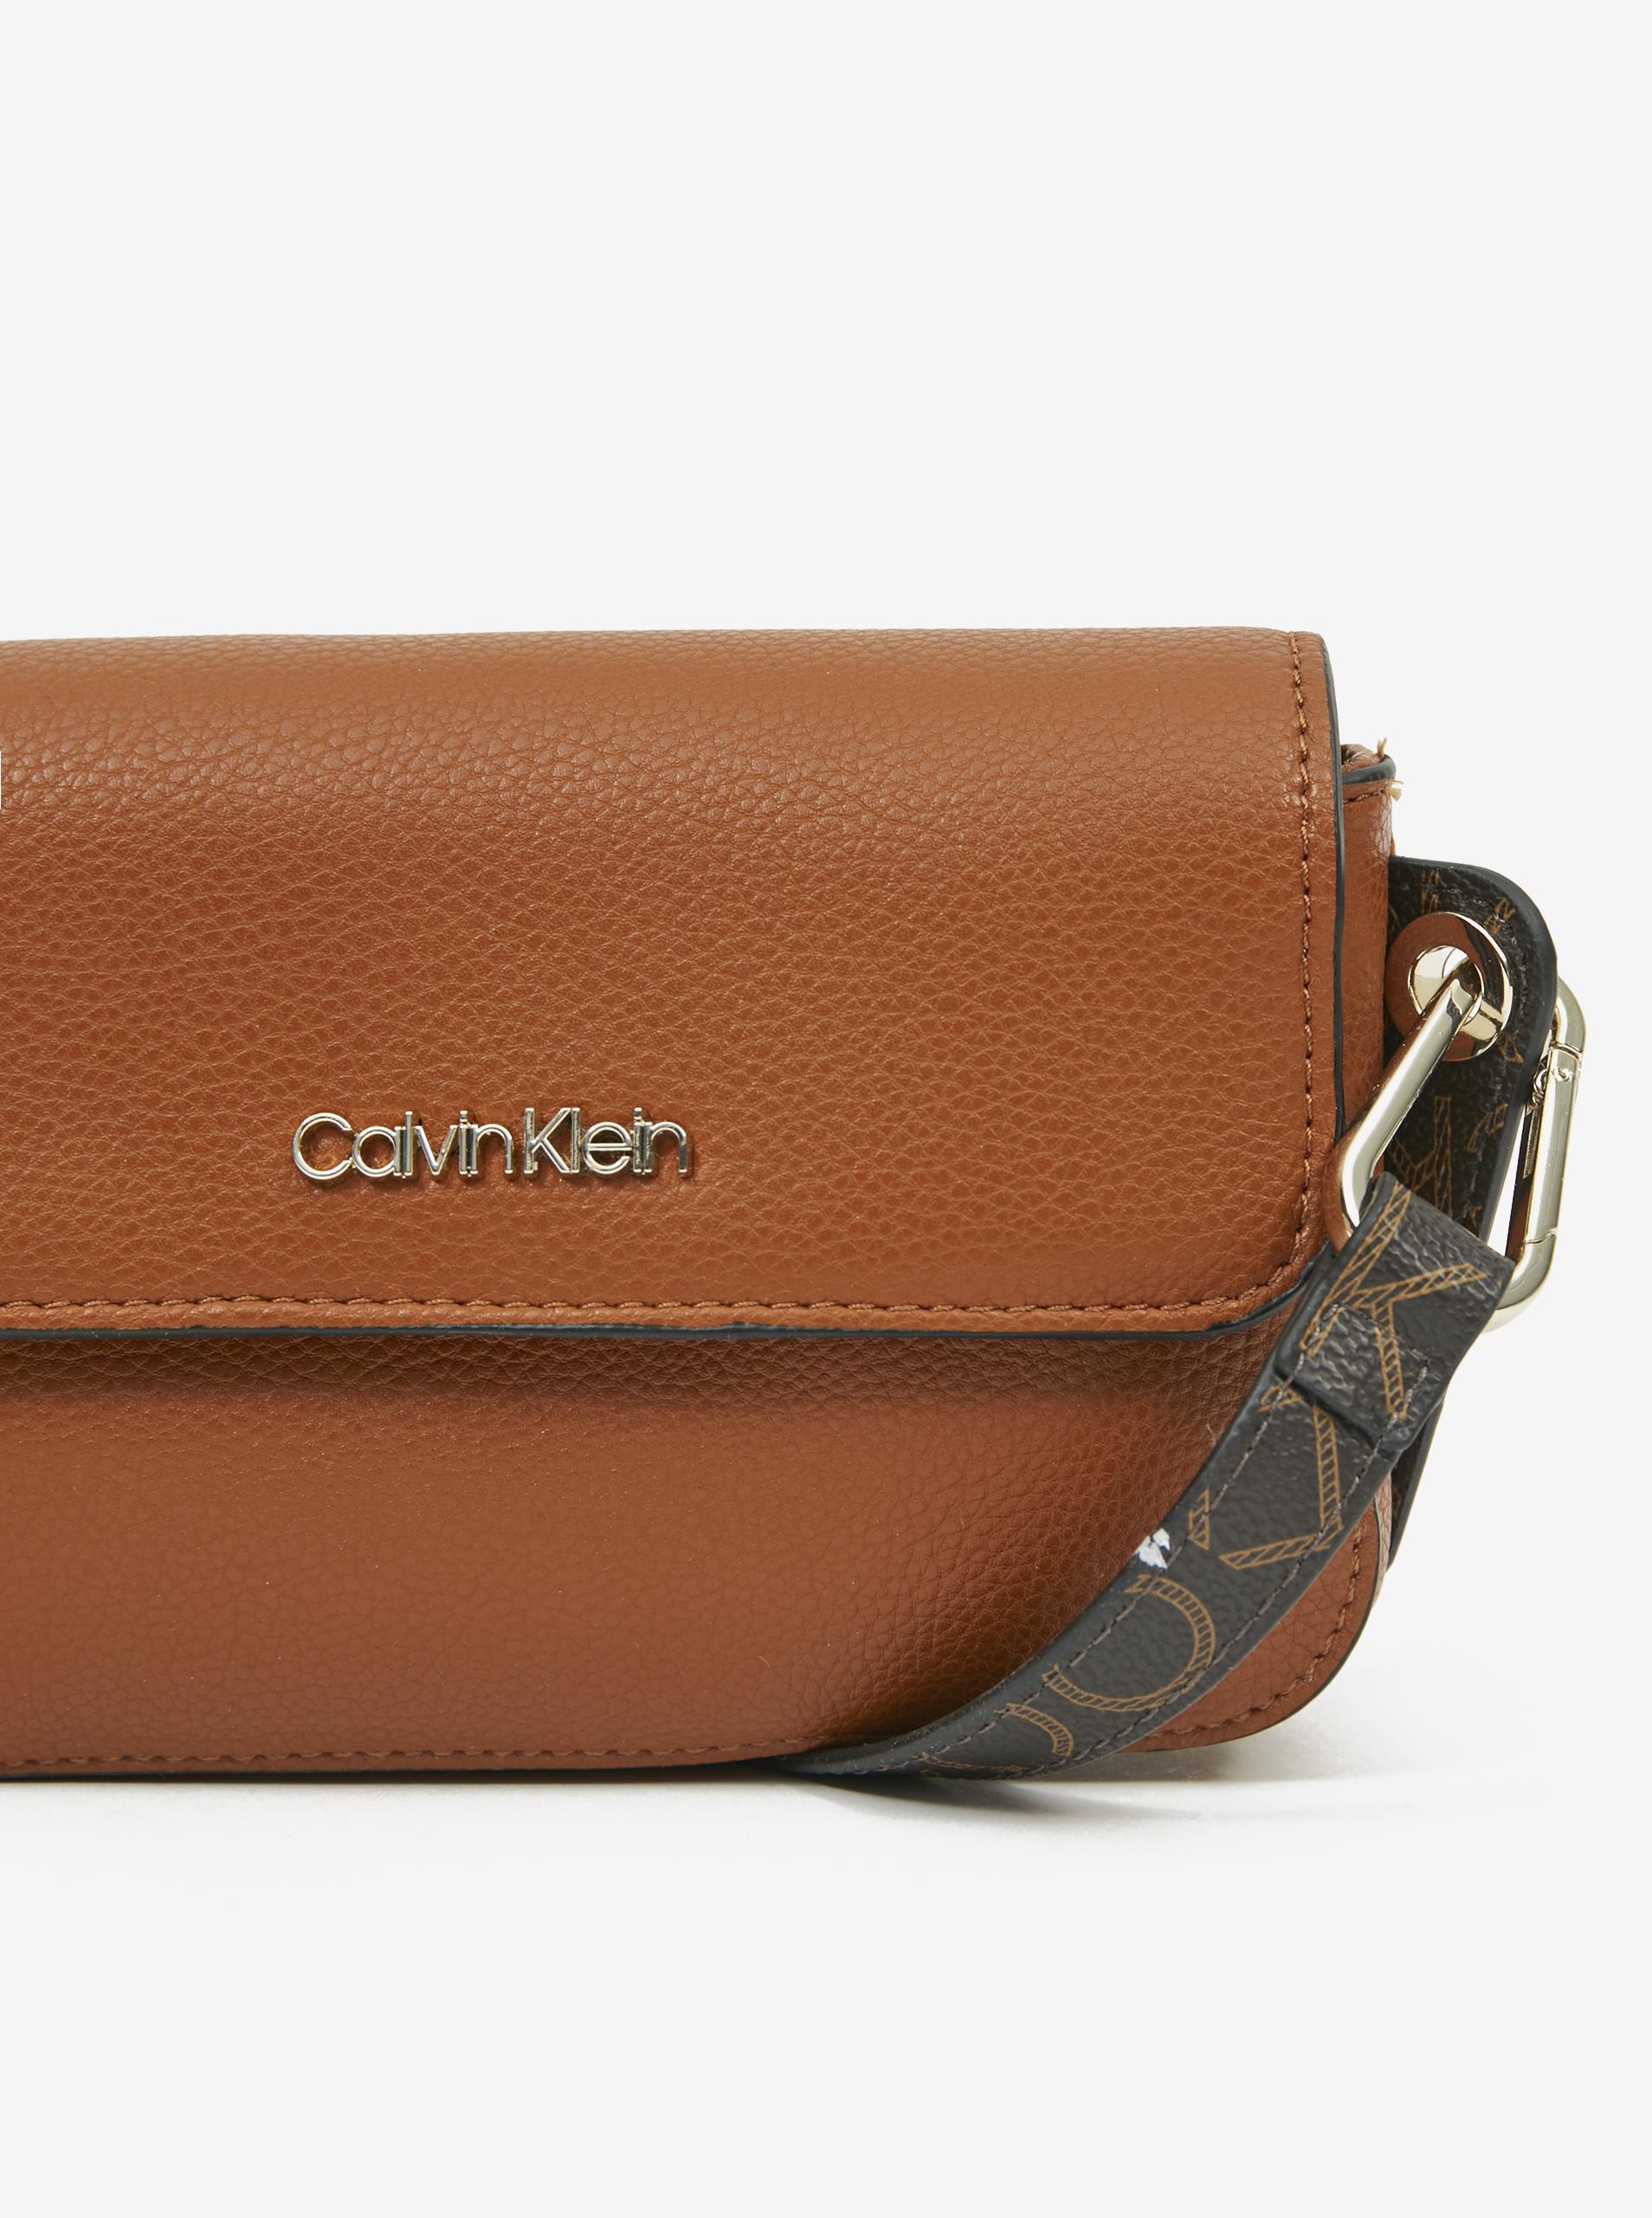 Calvin Klein maronii crossbody geanta